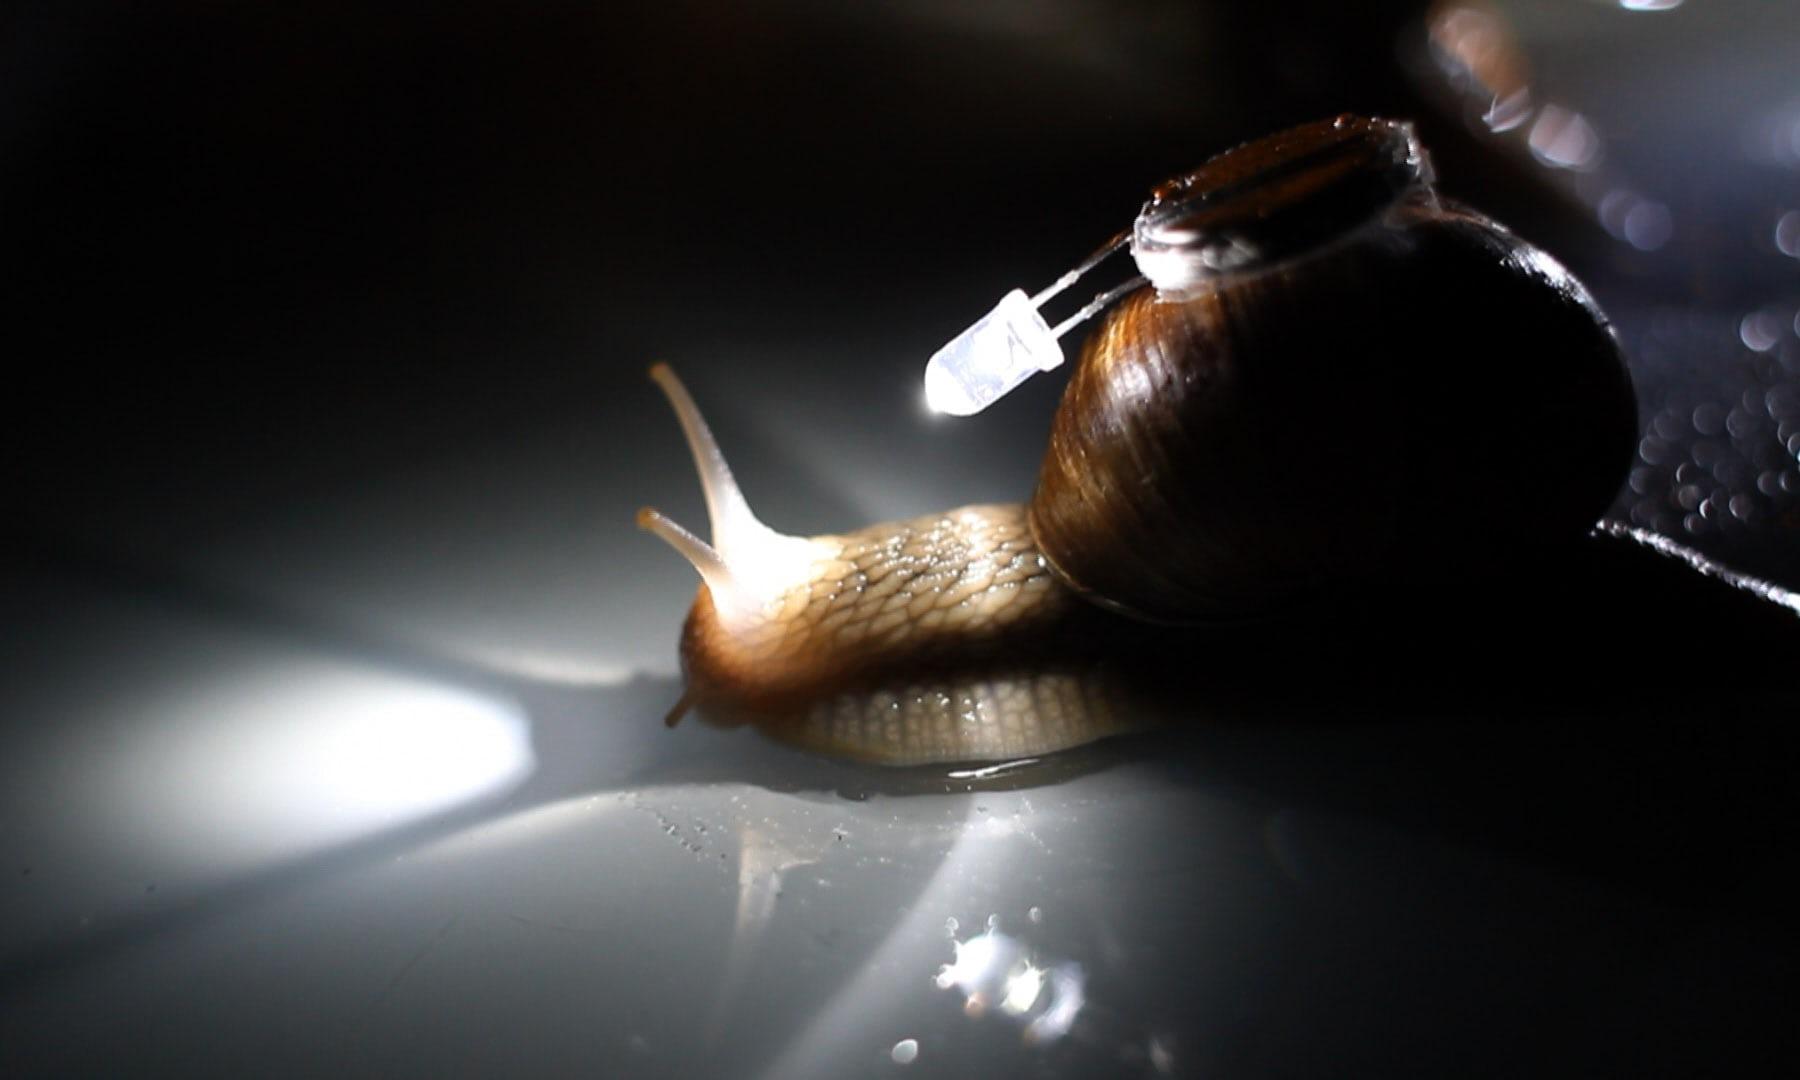 Itt a balett, amiben 176 csiga hat órán át a házán egy apró lámpával csúszkál felalá a sötétben